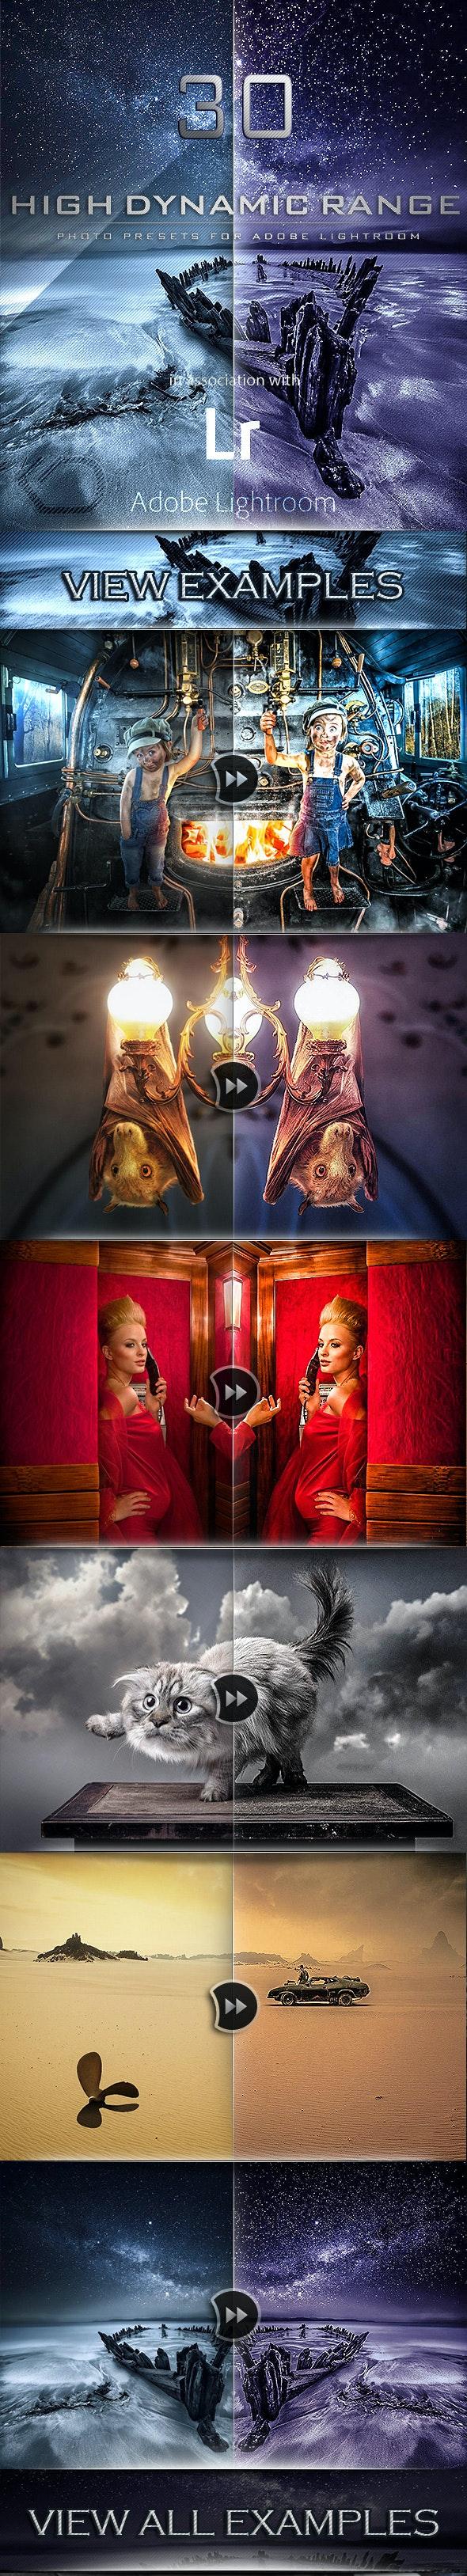 30 HDR PRO Lightroom Presets - HDR Lightroom Presets